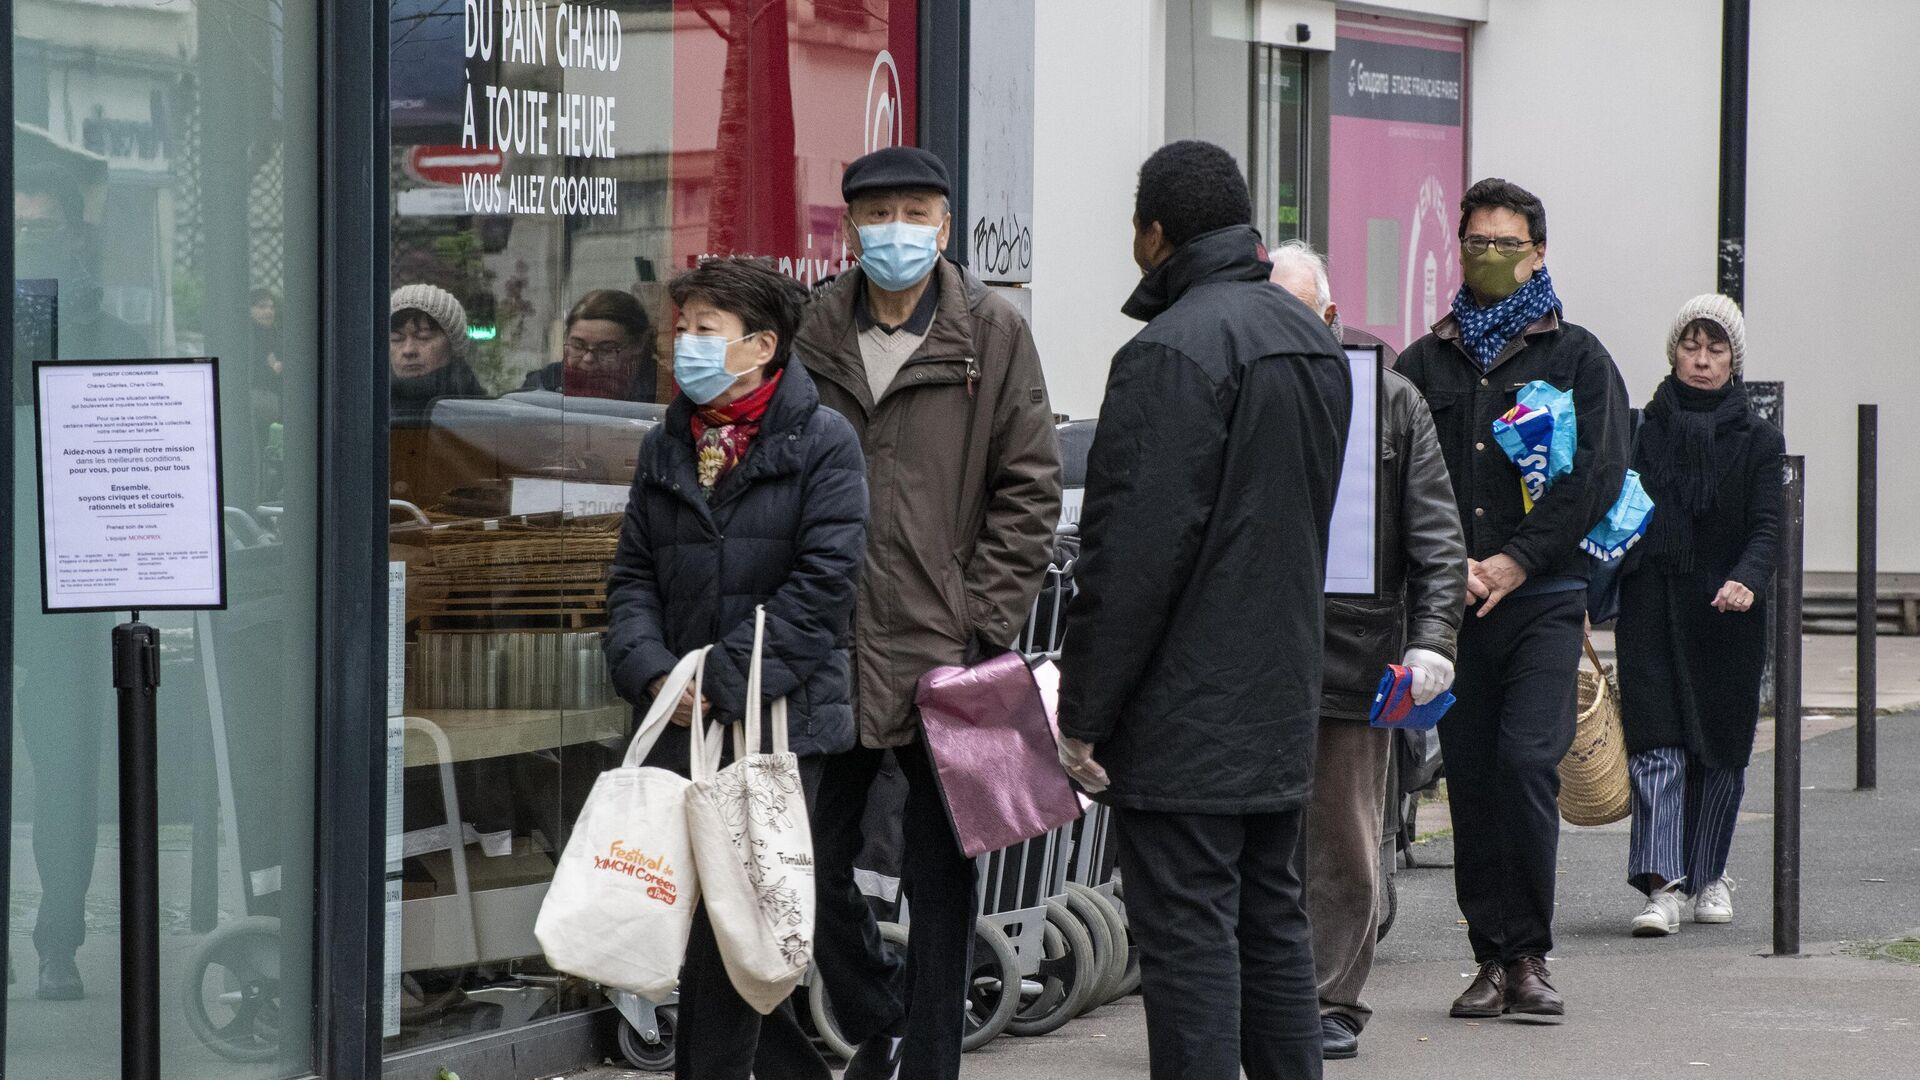 Люди стоят в очереди возле продуктового магазина в Париже - РИА Новости, 1920, 28.11.2020